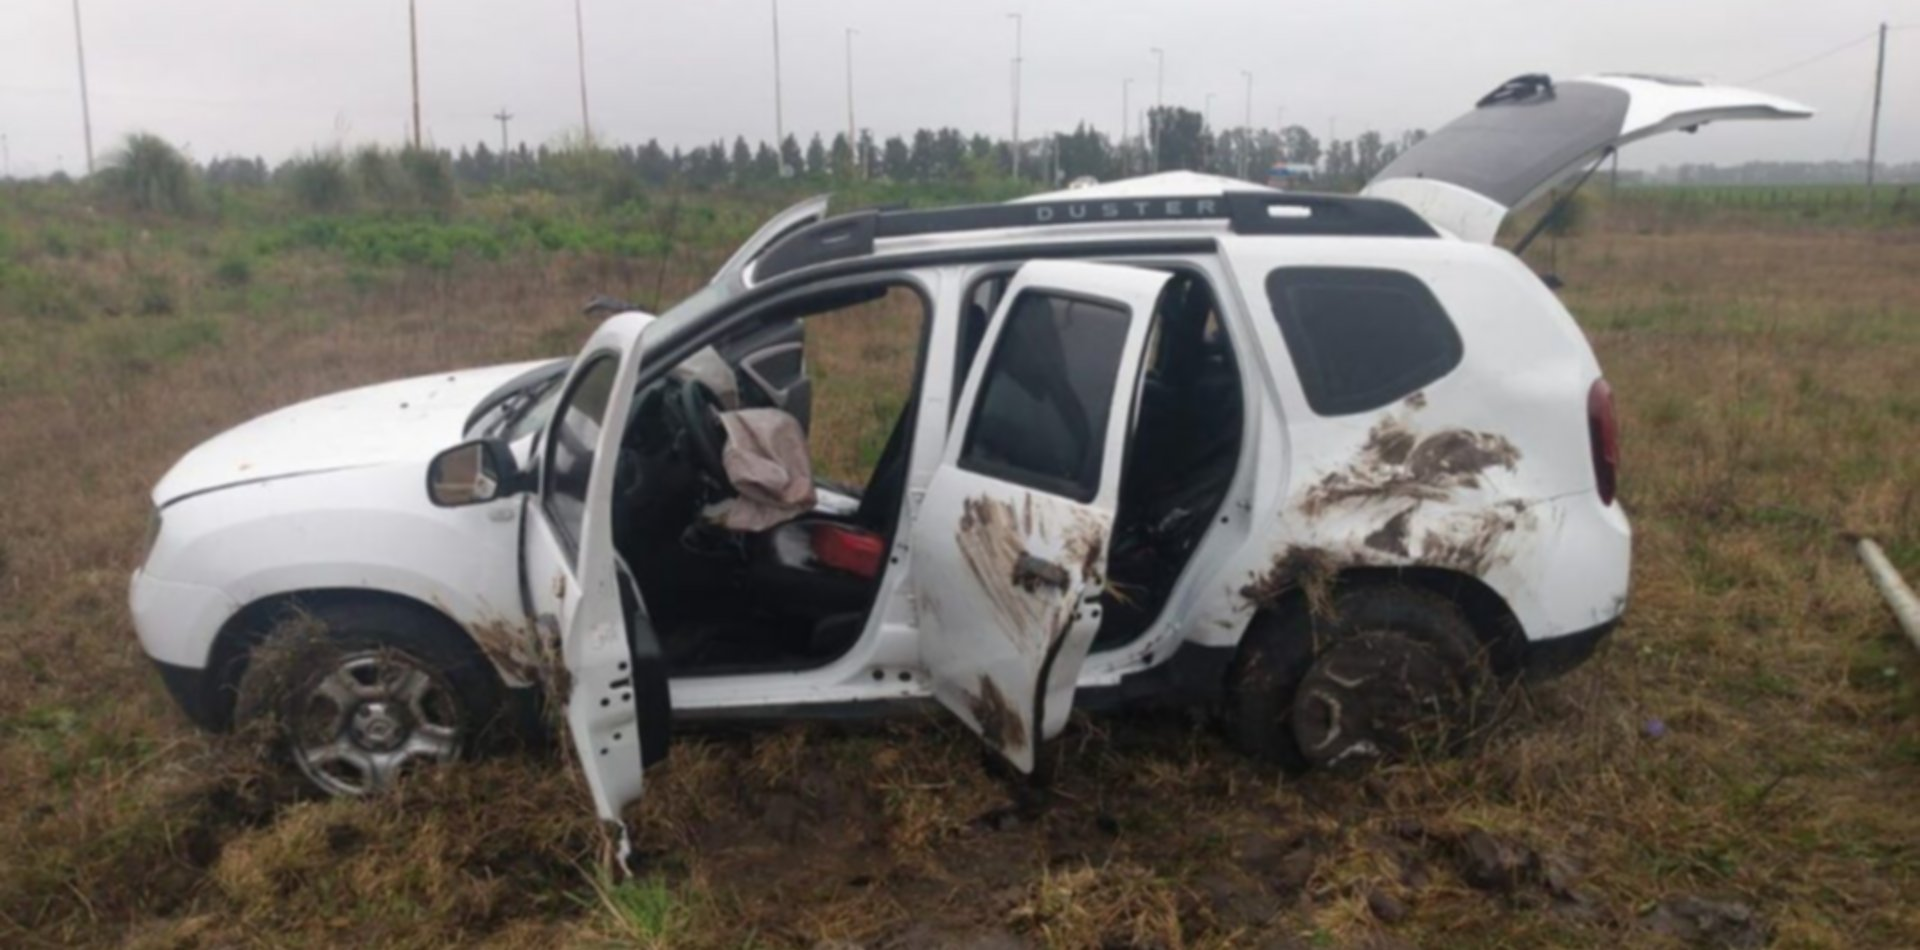 Accidente fatal: despistó con la camioneta, chocó contra la columna de alumbrado y murió